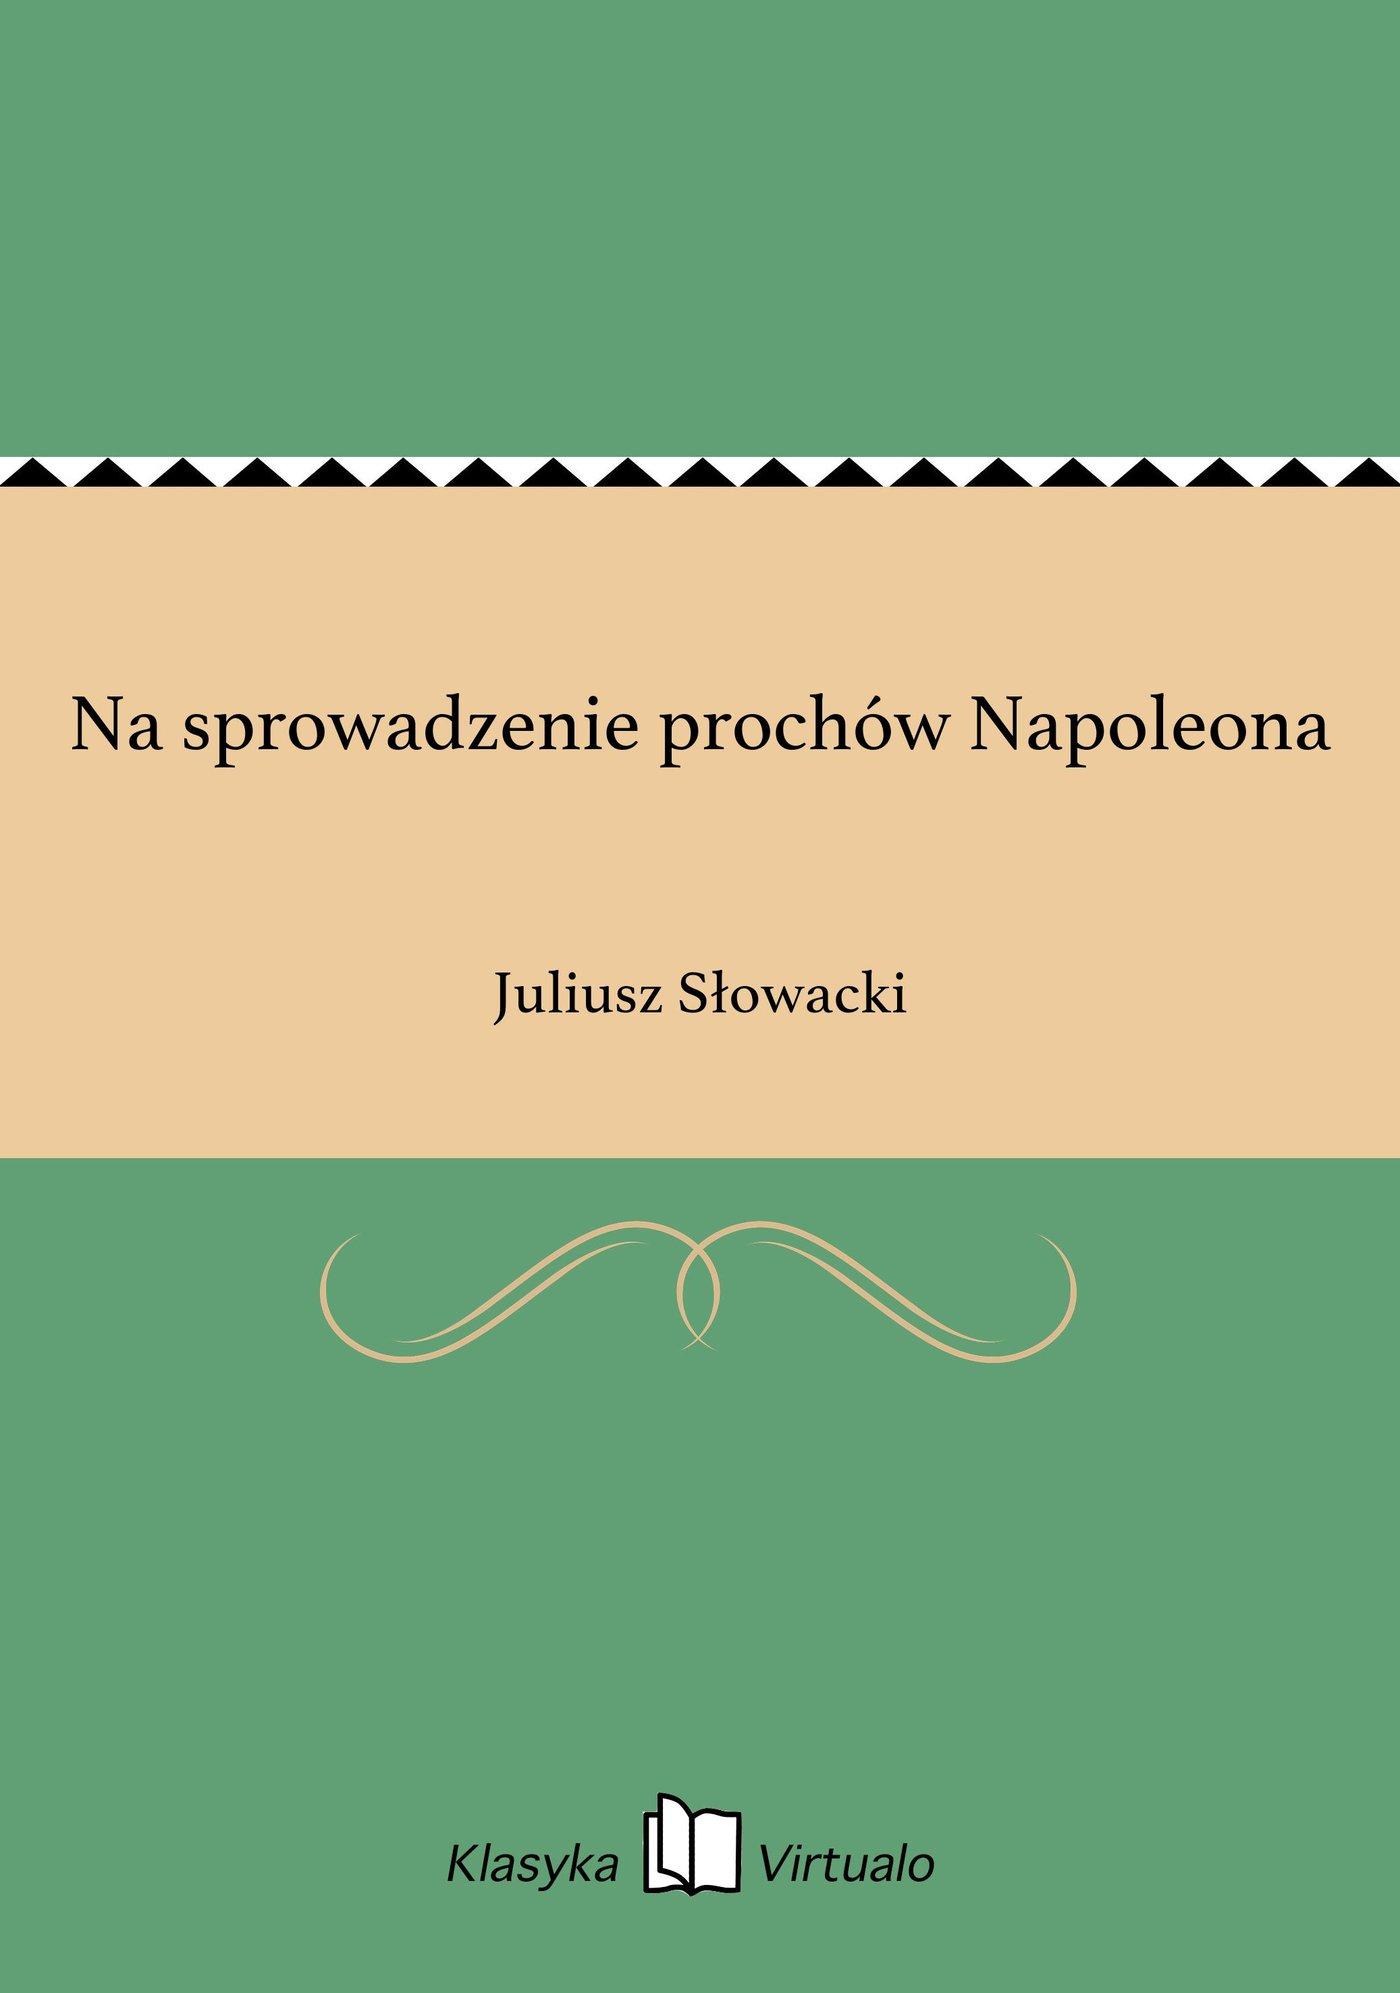 Na sprowadzenie prochów Napoleona - Ebook (Książka na Kindle) do pobrania w formacie MOBI